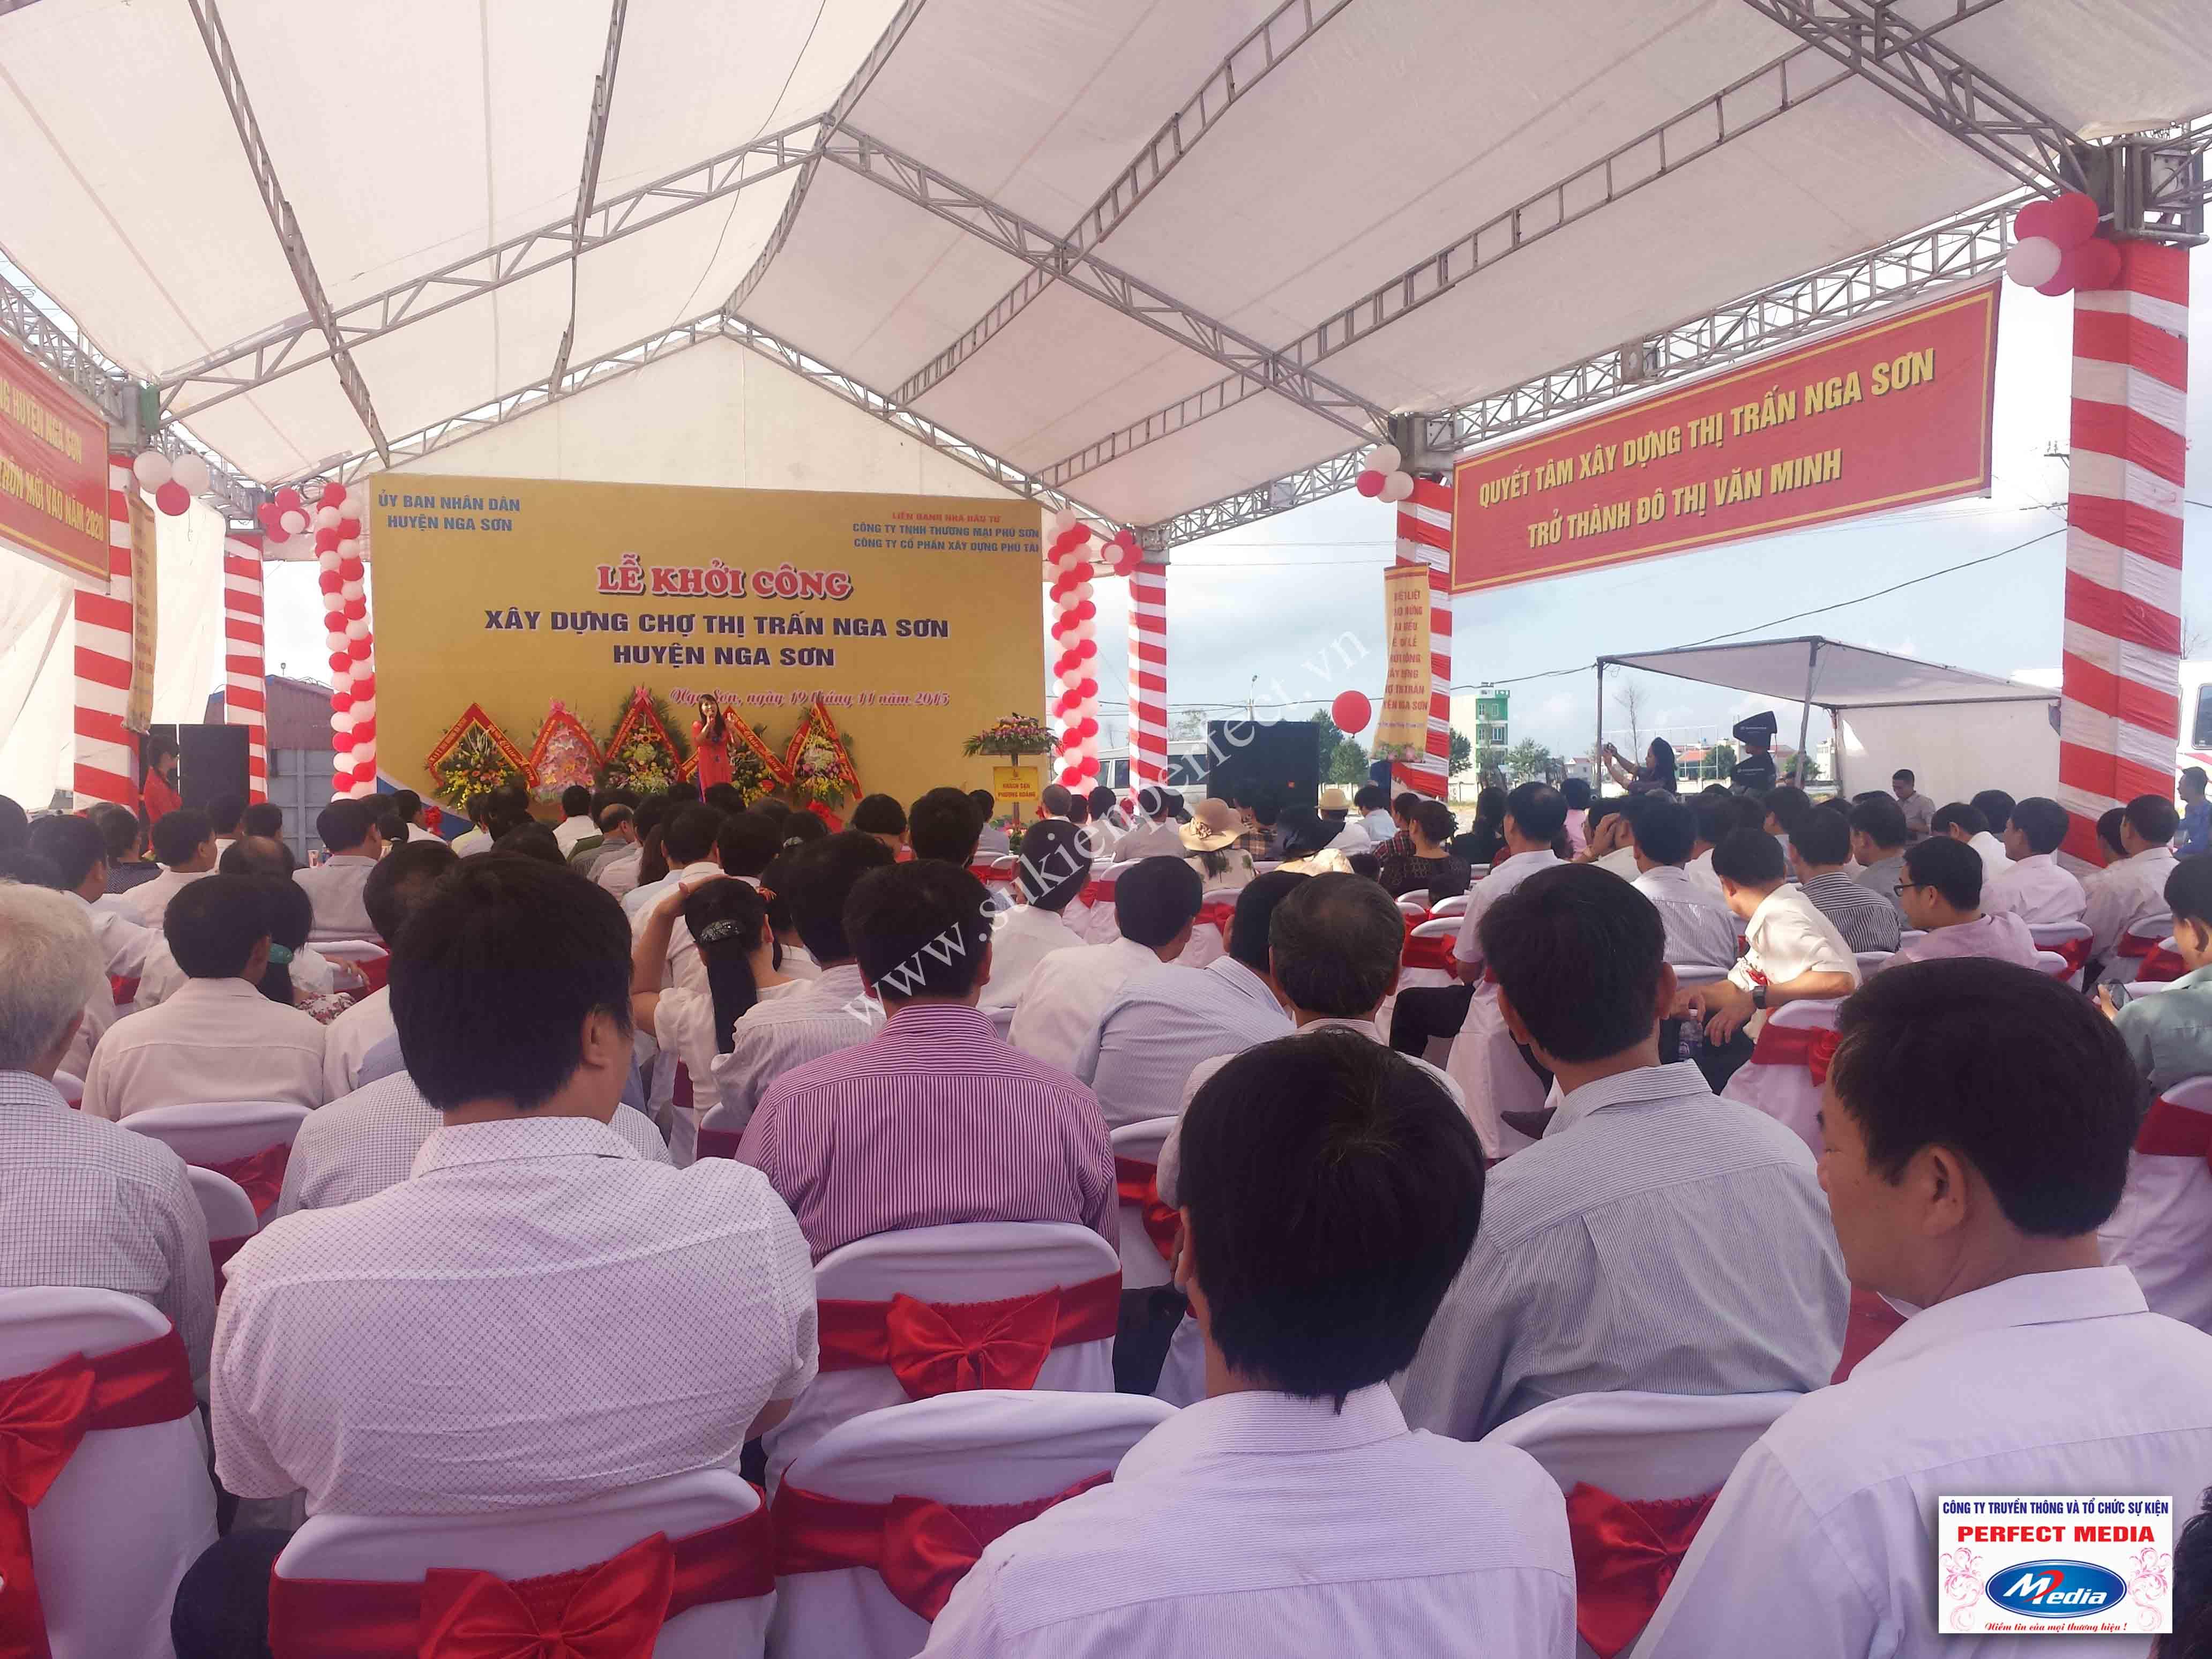 Hình ảnh hội trường lễ khởi công xây dựng chợ thị trấn huyện Nga Sơn 11